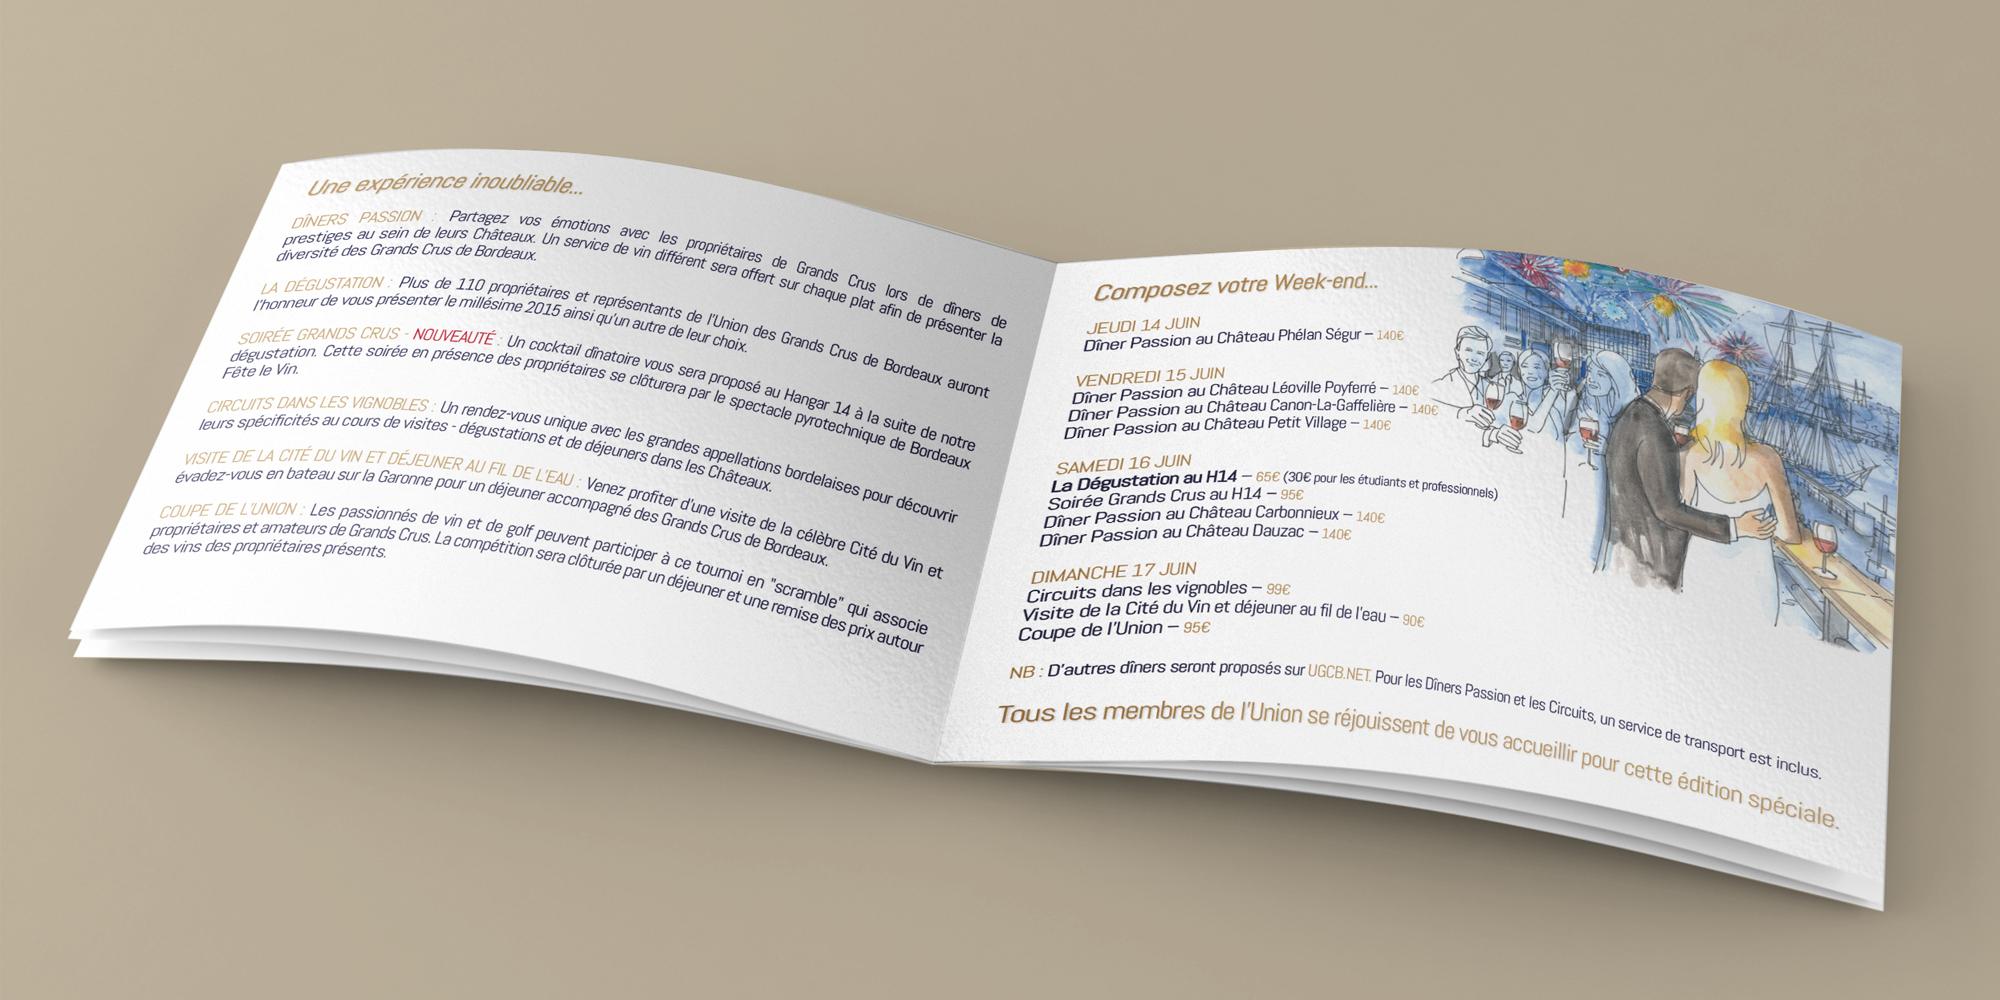 slide projet Union des Grands Crus de Bordeaux